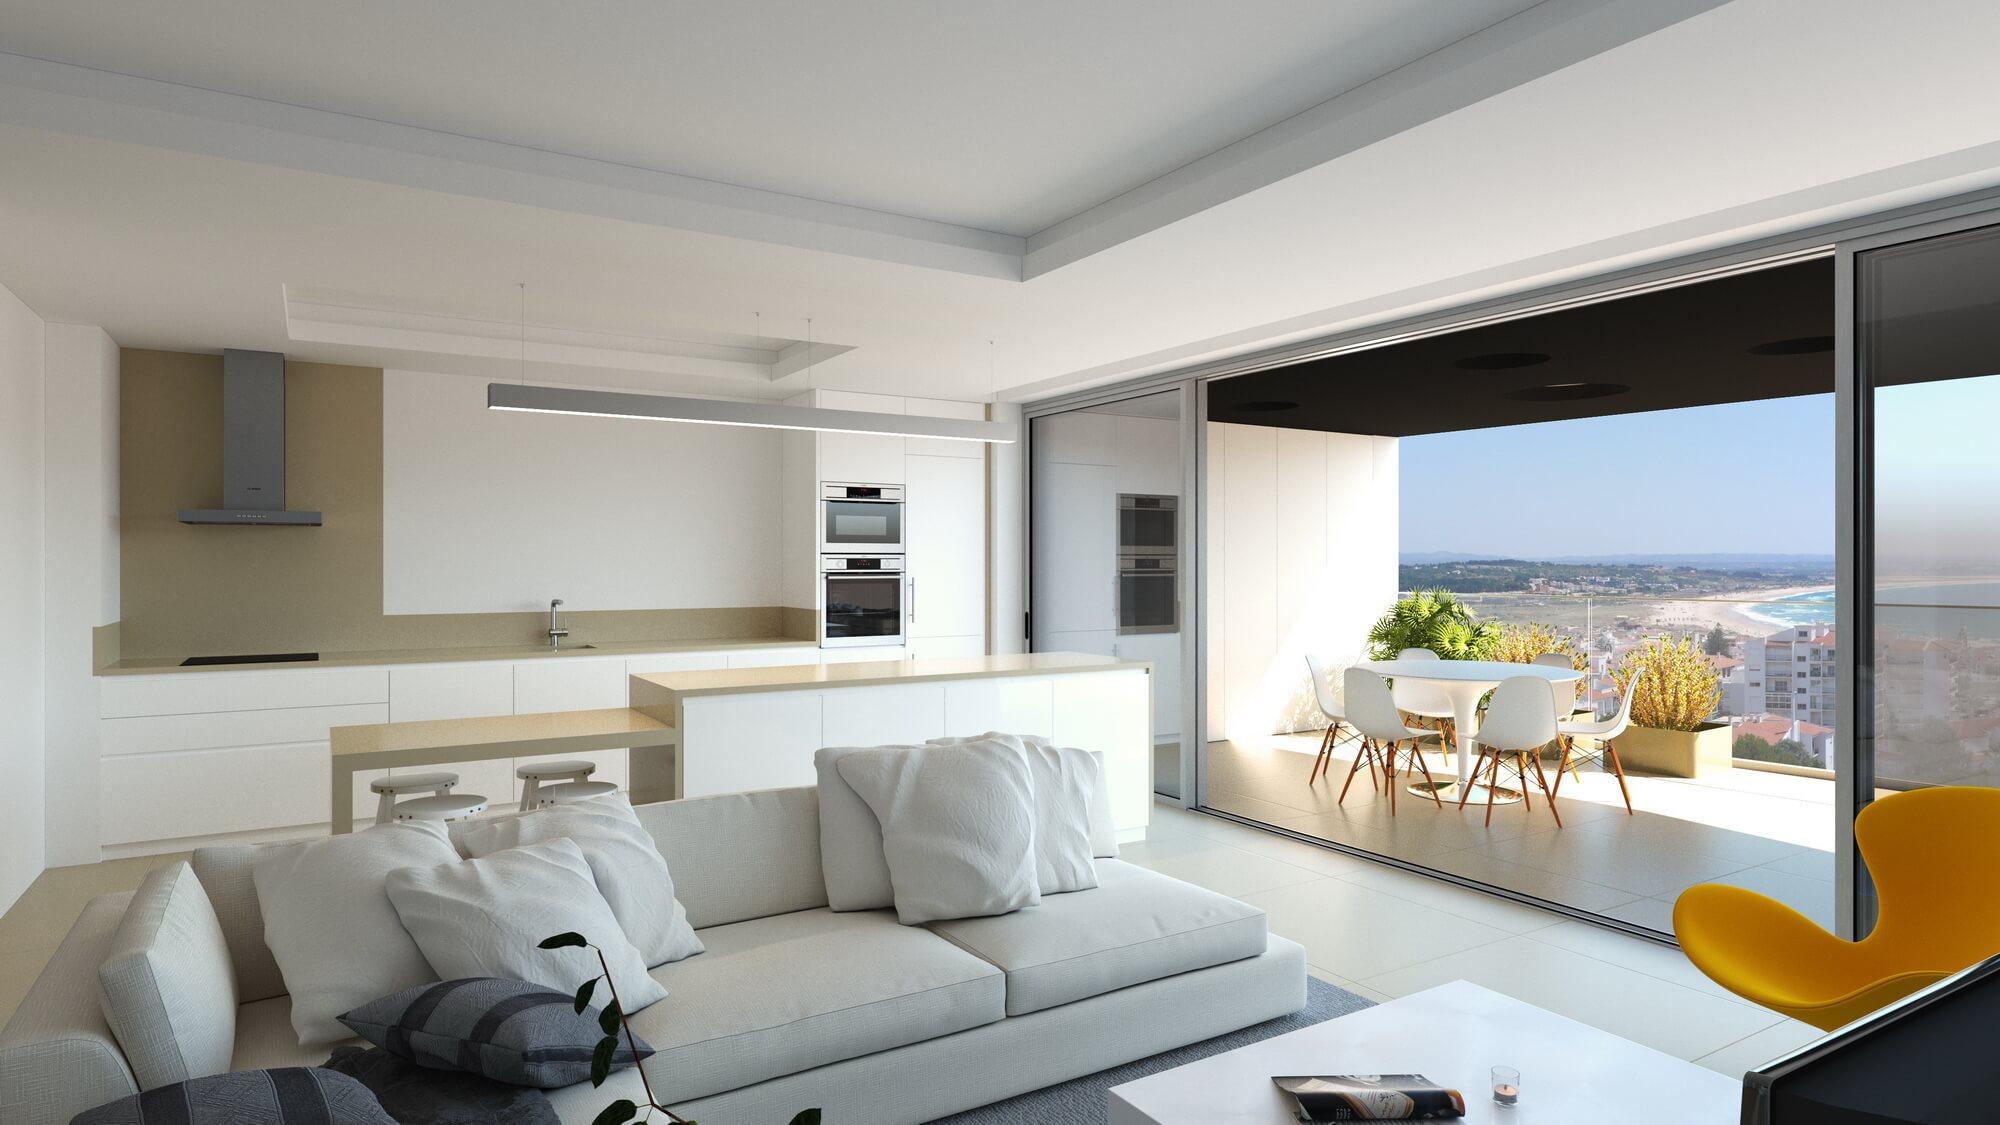 Tout nouveau penthouse de 5 chambres à Lagos  - Penthouse de luxe avec vue sur la mer Le condominium privé